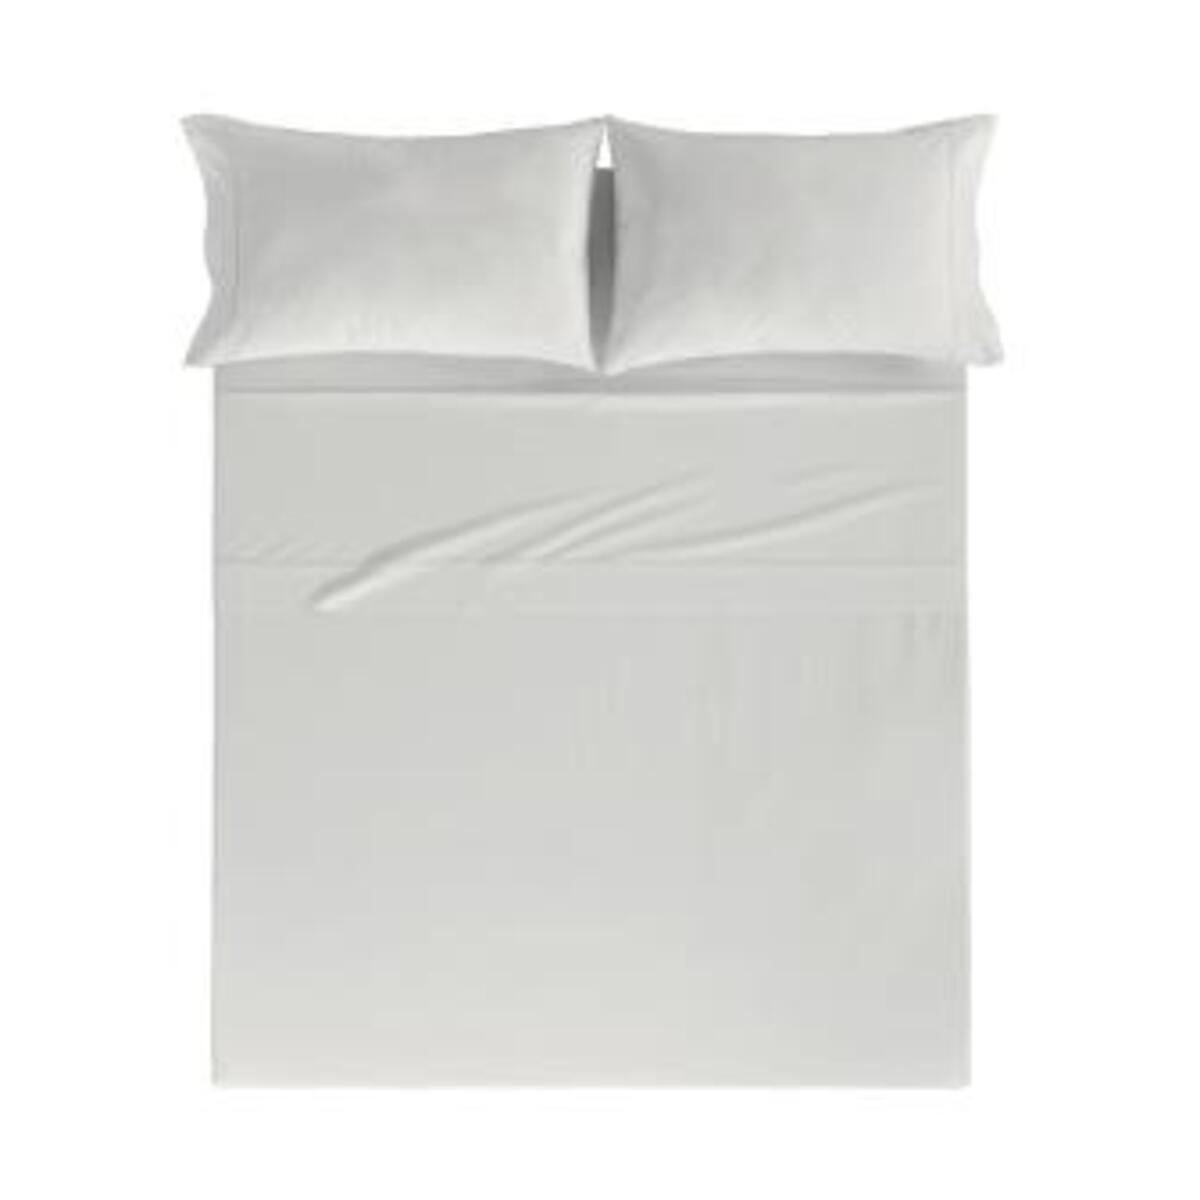 Drap de lit en coton percale gris 250x280 cm